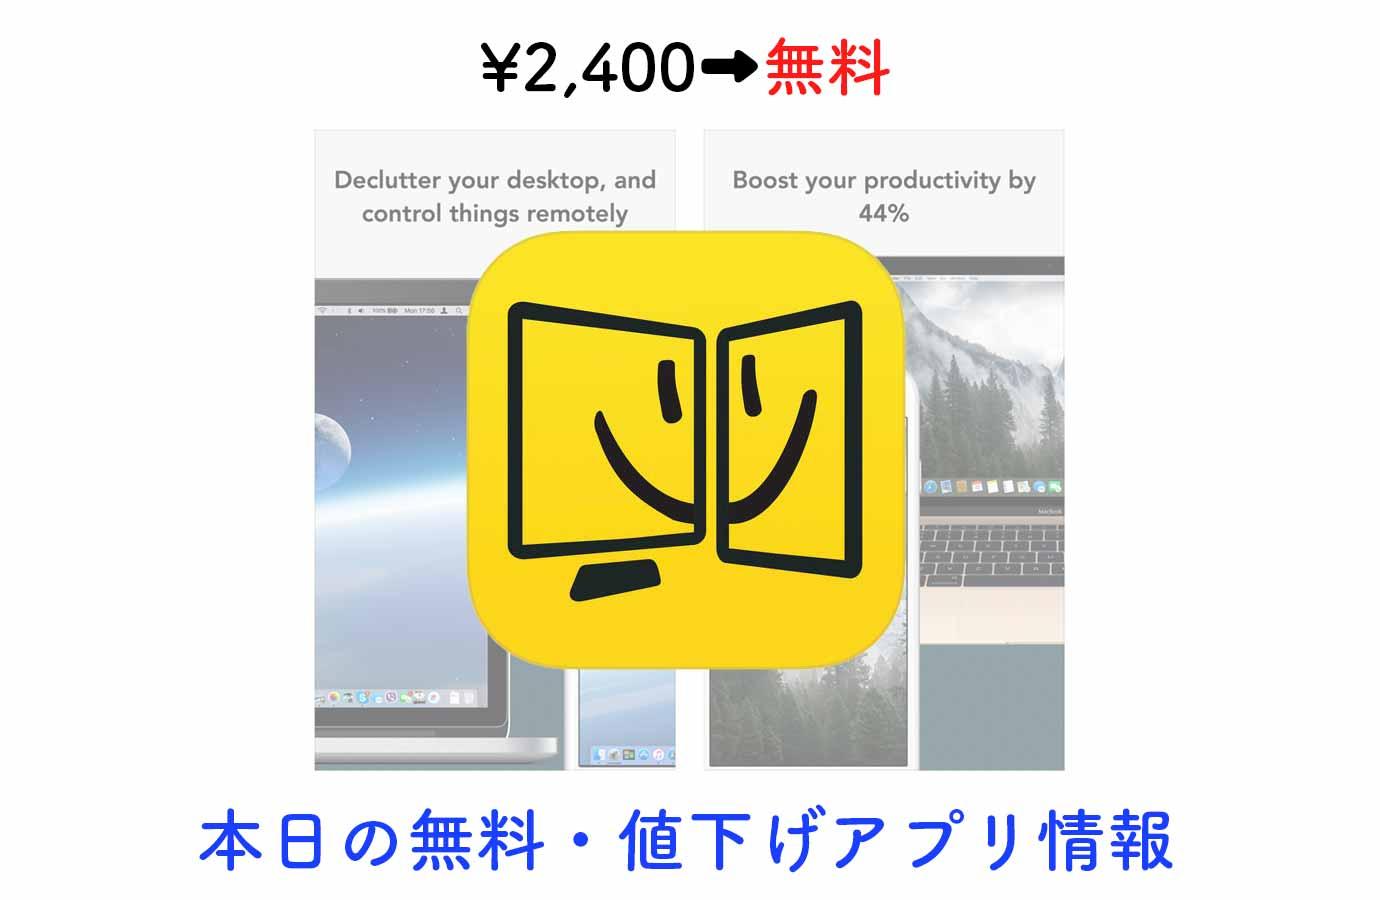 ¥2,400→無料、iPhoneなどをMacのセカンドディスプレイにできる「iDisplay」など【7/20】本日の無料・値下げアプリ情報